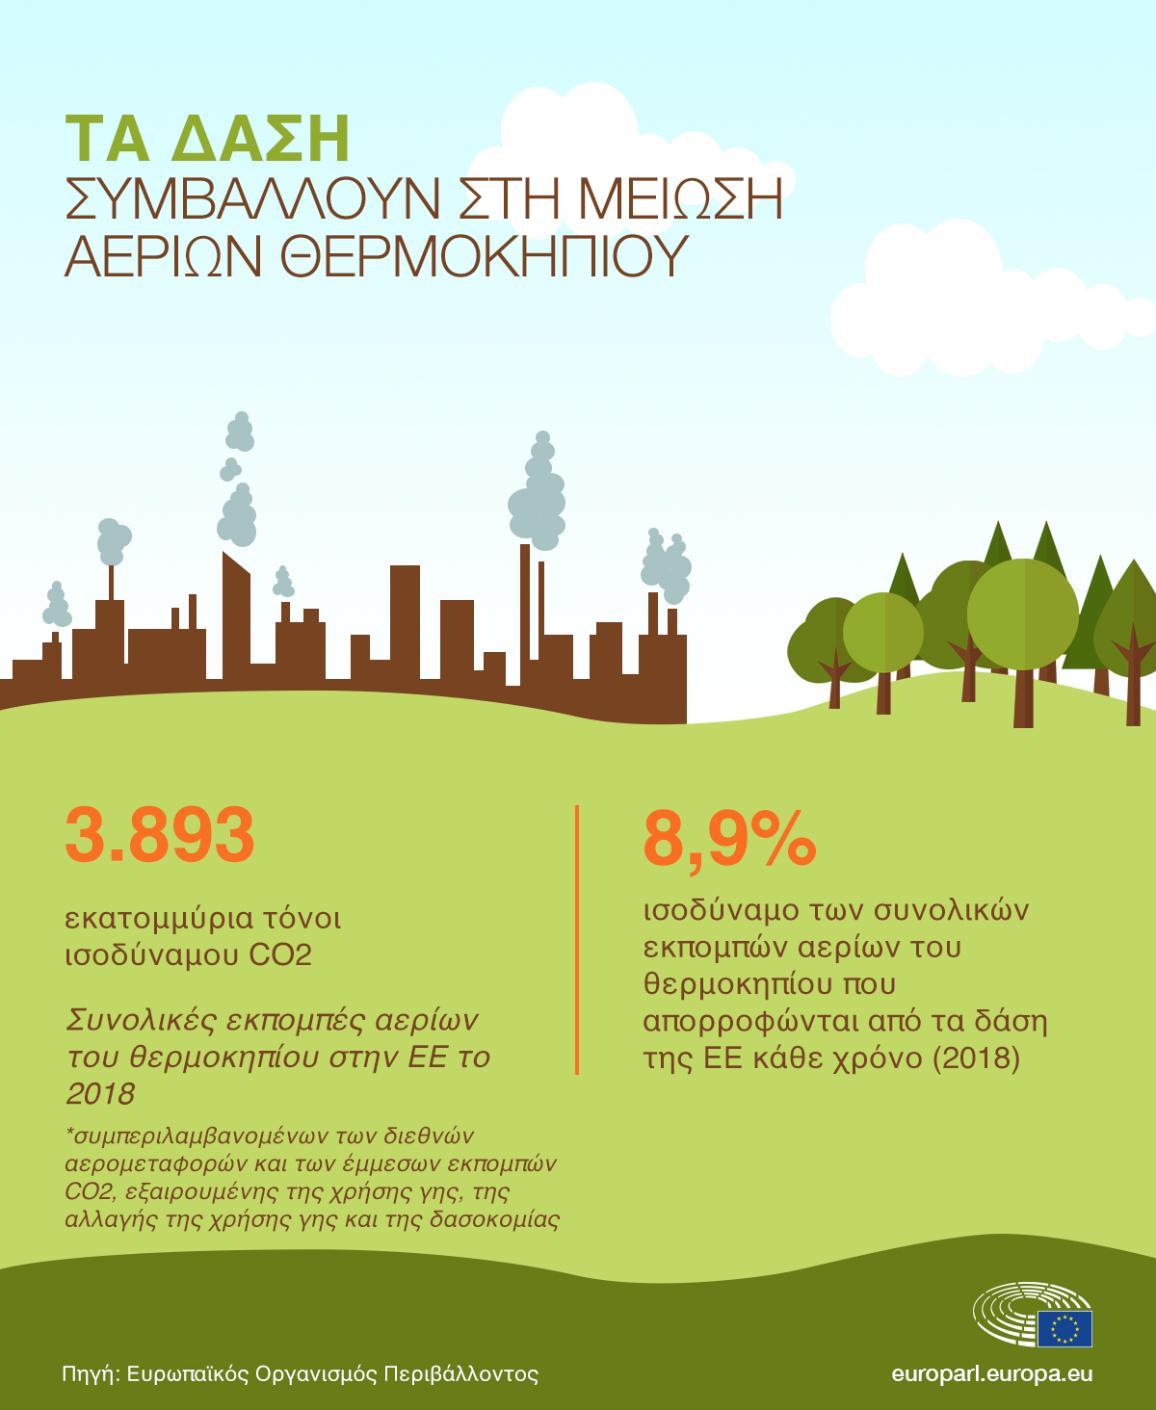 Γραφική αναπαράσταση δεδομένων για την απορρόφηση των εκπομπών αερών του θερμοκηπίου από τα δάση.  Το 2018, 3.893 εκατ. τόνοι CO2 απελευθερώθηκαν στην ατμόσφαιρα. Τα δάση απορρόφησαν το 8,9% από τις συνολικές εκμπομπές αερίων του θερμοκηπίου.